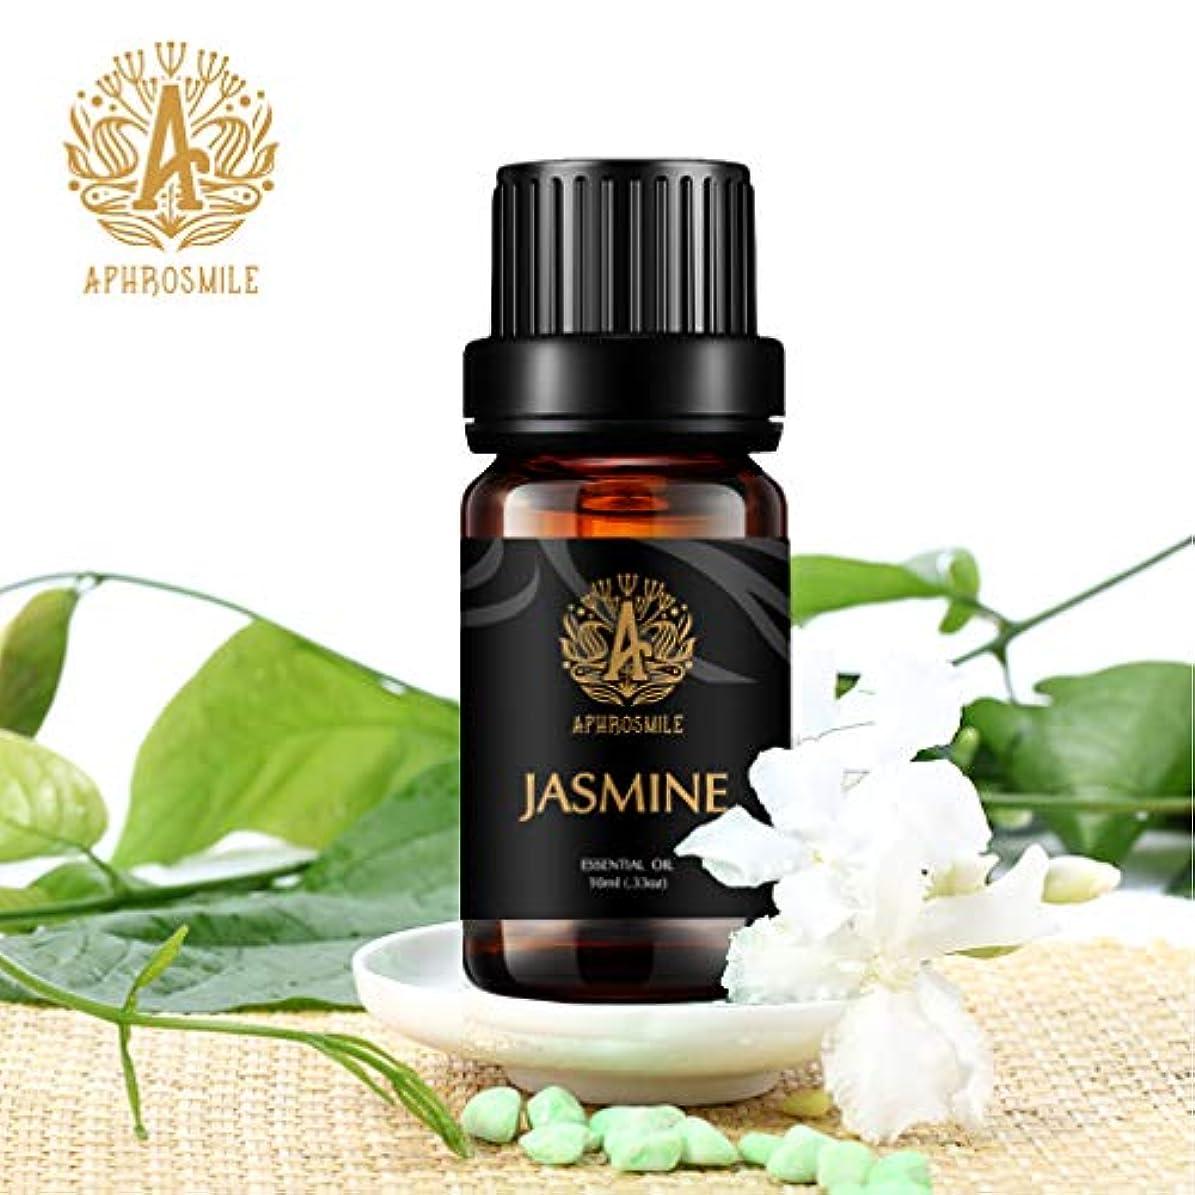 ケーキ遵守する感情Aphrosmile ジャスミン エッセンシャル オイル FDA 認定 100% ピュア ジャスミン オイル、有機治療グレードのアロマテラピー エッセンシャル オイル 10mL/0.33oz